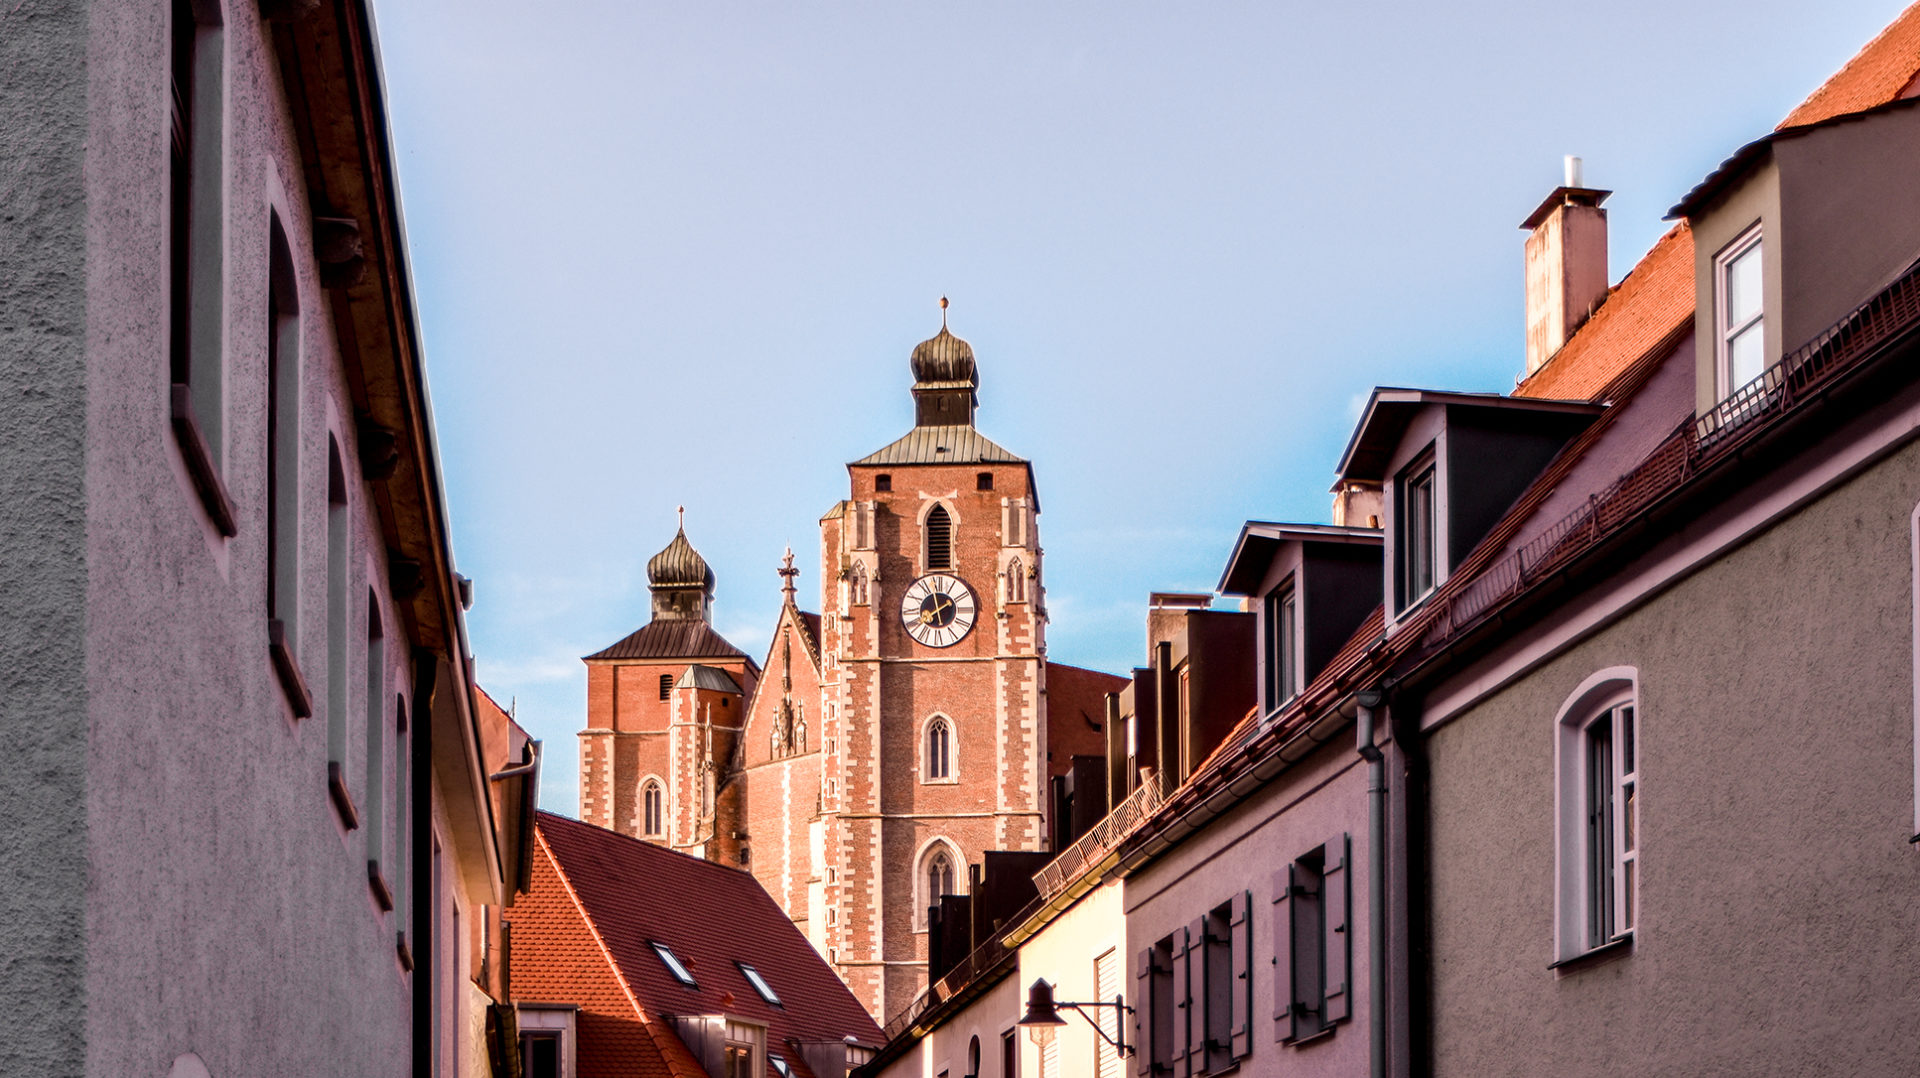 Münsterministranten Ingolstadt | muenster-ingolstadt.de